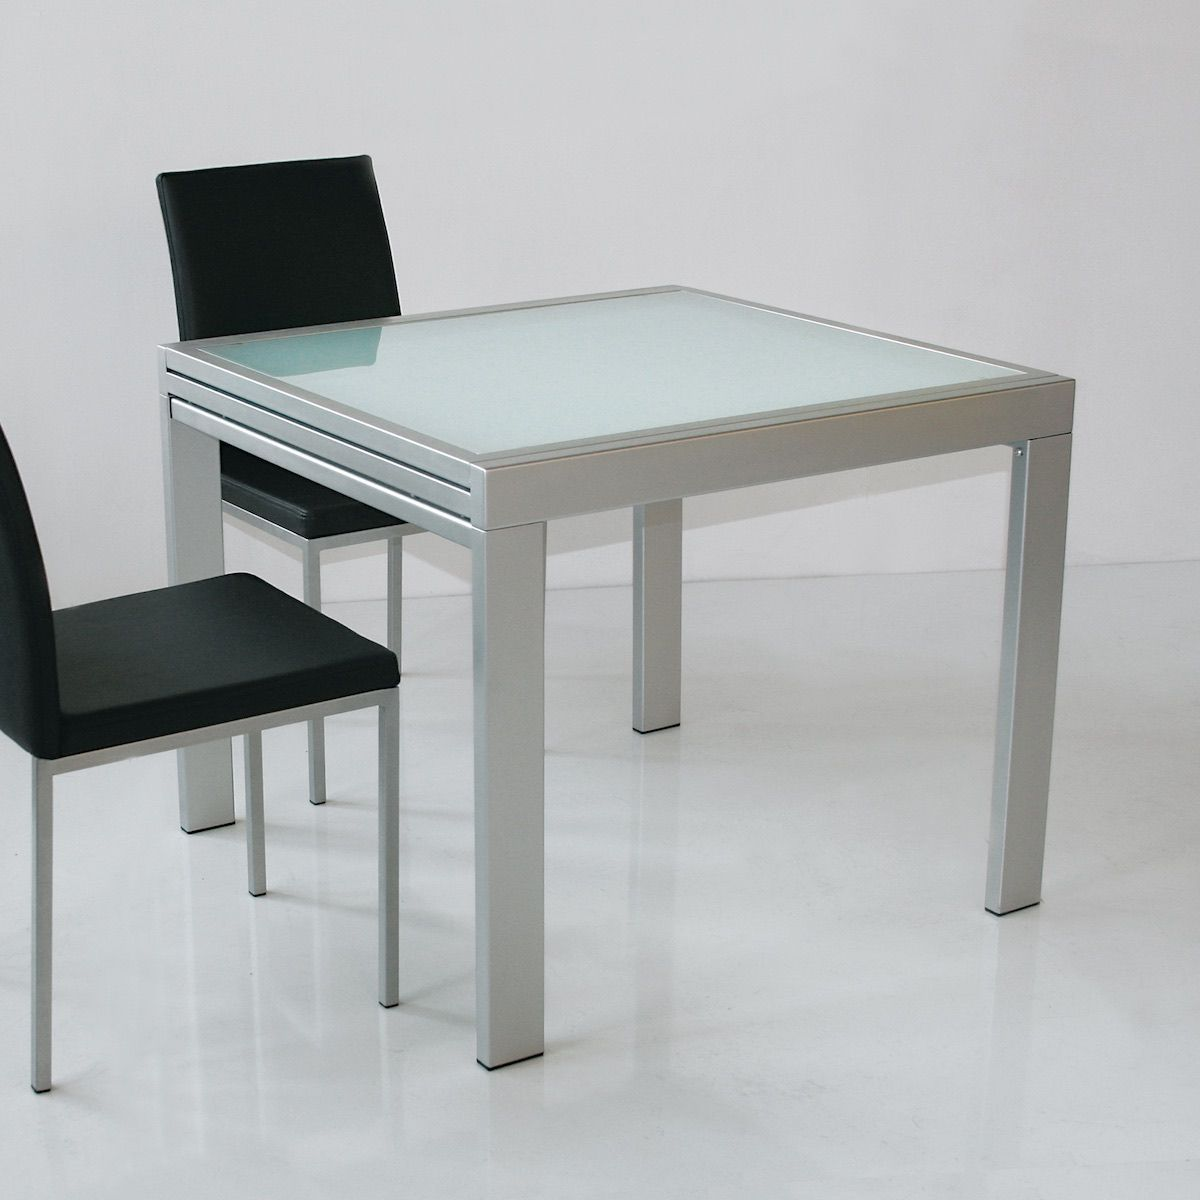 Tavolo quadrato allungabile design moderno Conrado (con